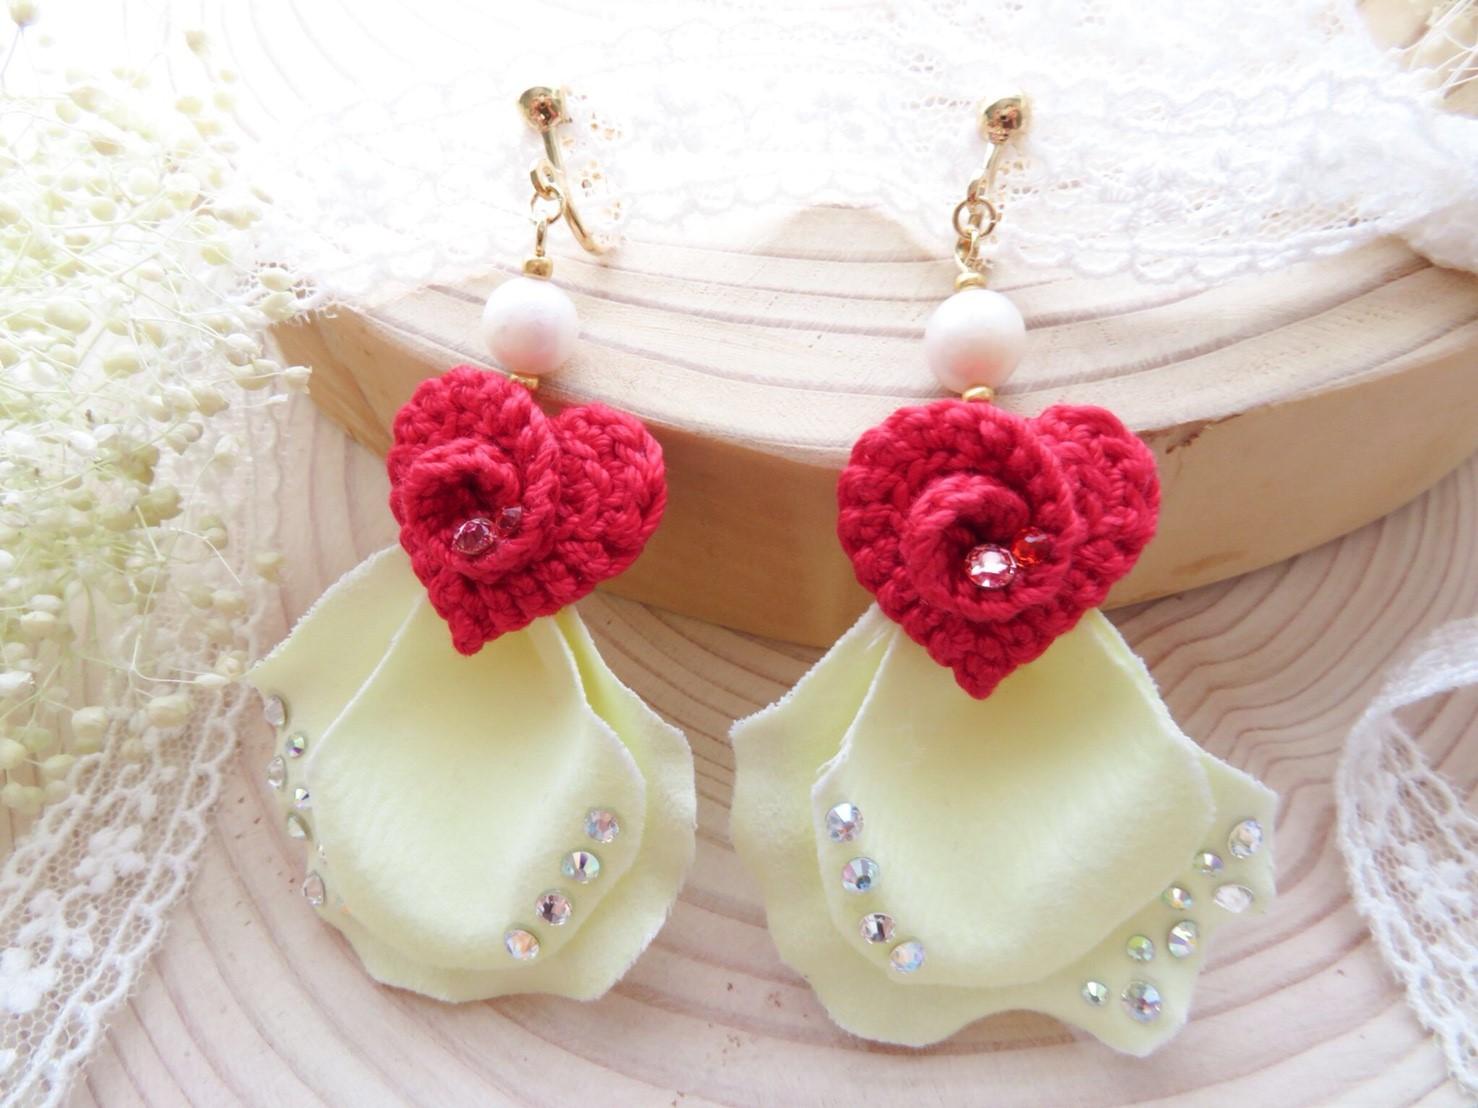 【幸せのおすそ分けイヤリング❤】実際に結婚式で使用した【花びら】でお作りしています♪